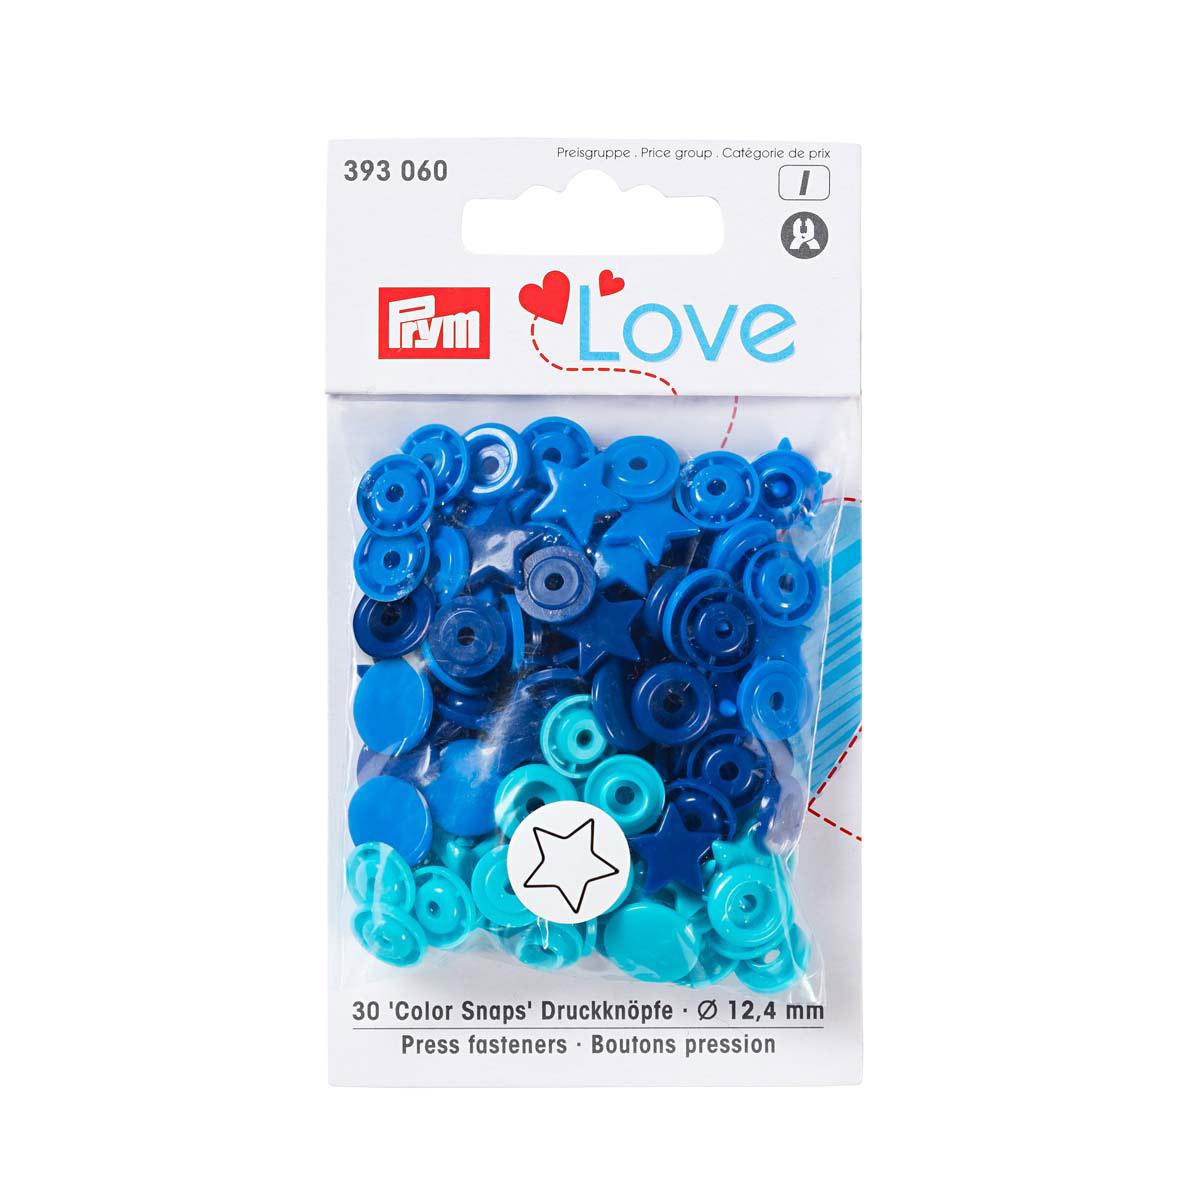 393060 Kнопки 'Звезда' Color Snaps Prym Love, синий/бирюза/чернильный, 12мм, 30шт Prym Prym